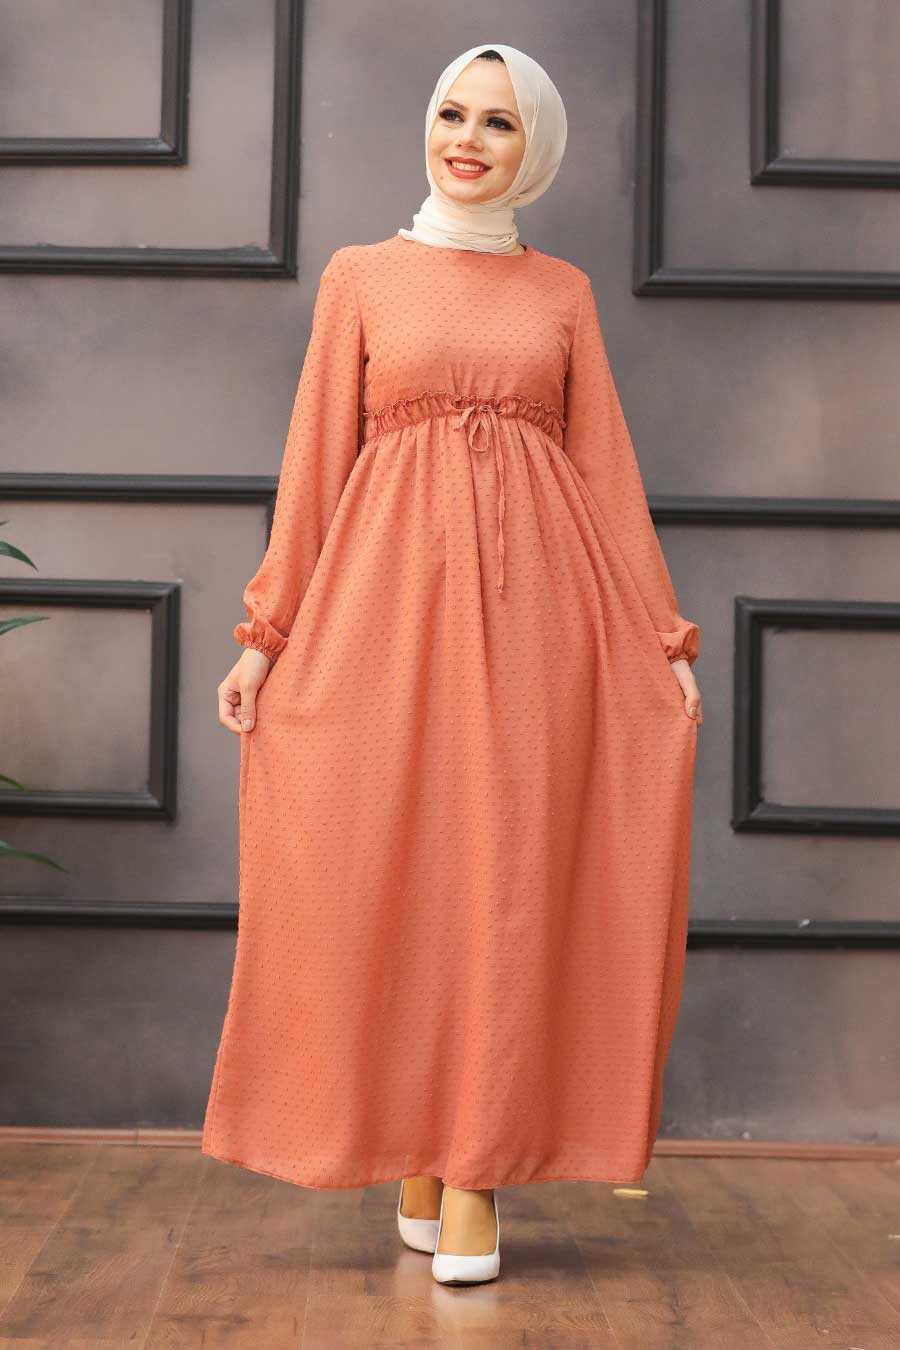 Terra Cotta Hijab Dress 4341KRMT